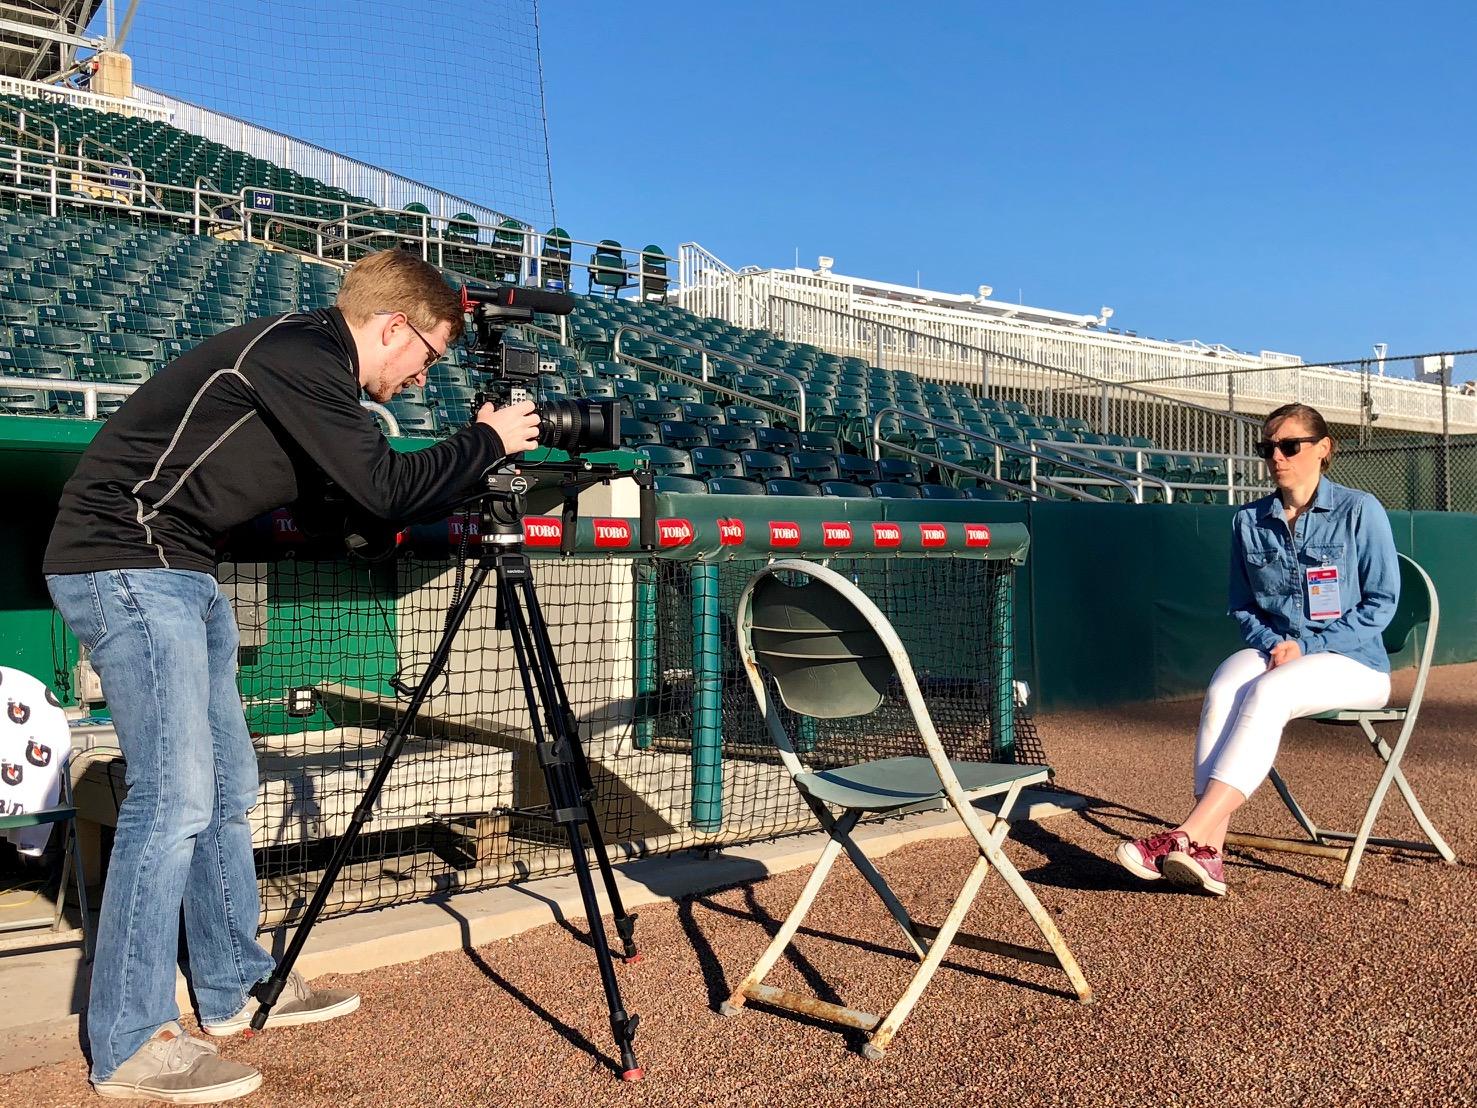 La Vida Baseball at Spring Training Shooting Video at Scale